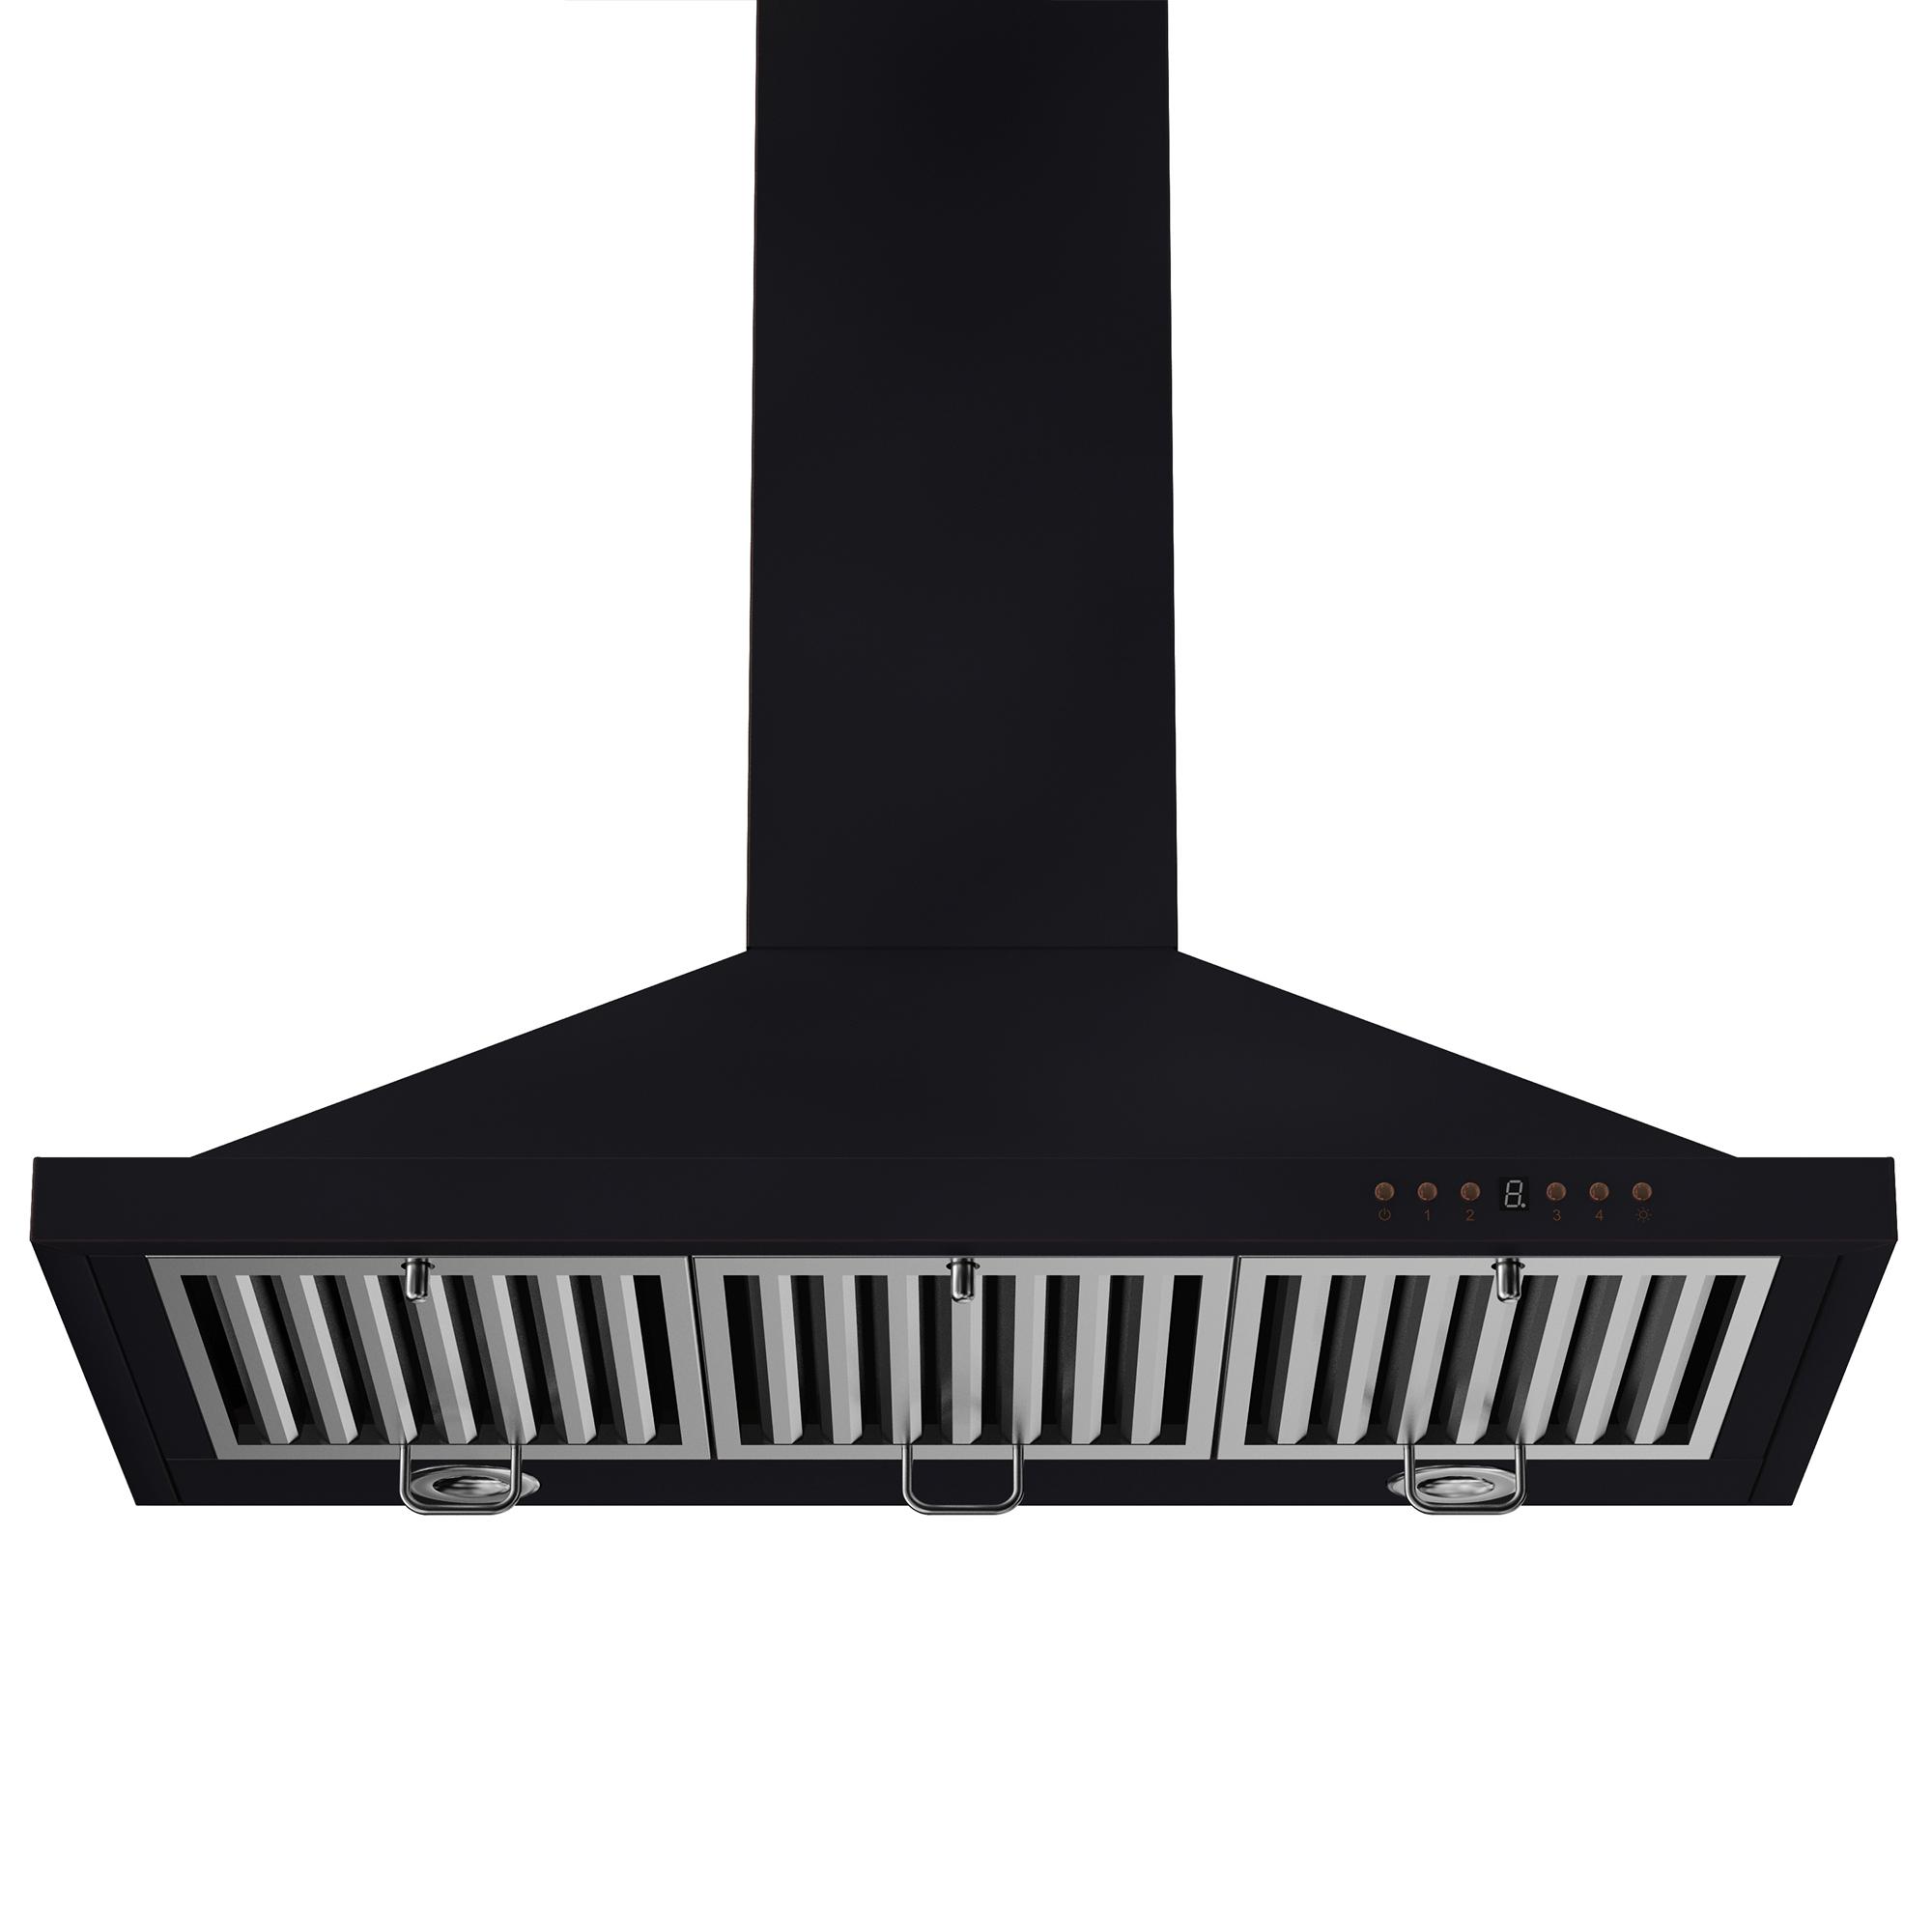 zline-copper-wall-mounted-range-hood-8KBB-underneath.jpg